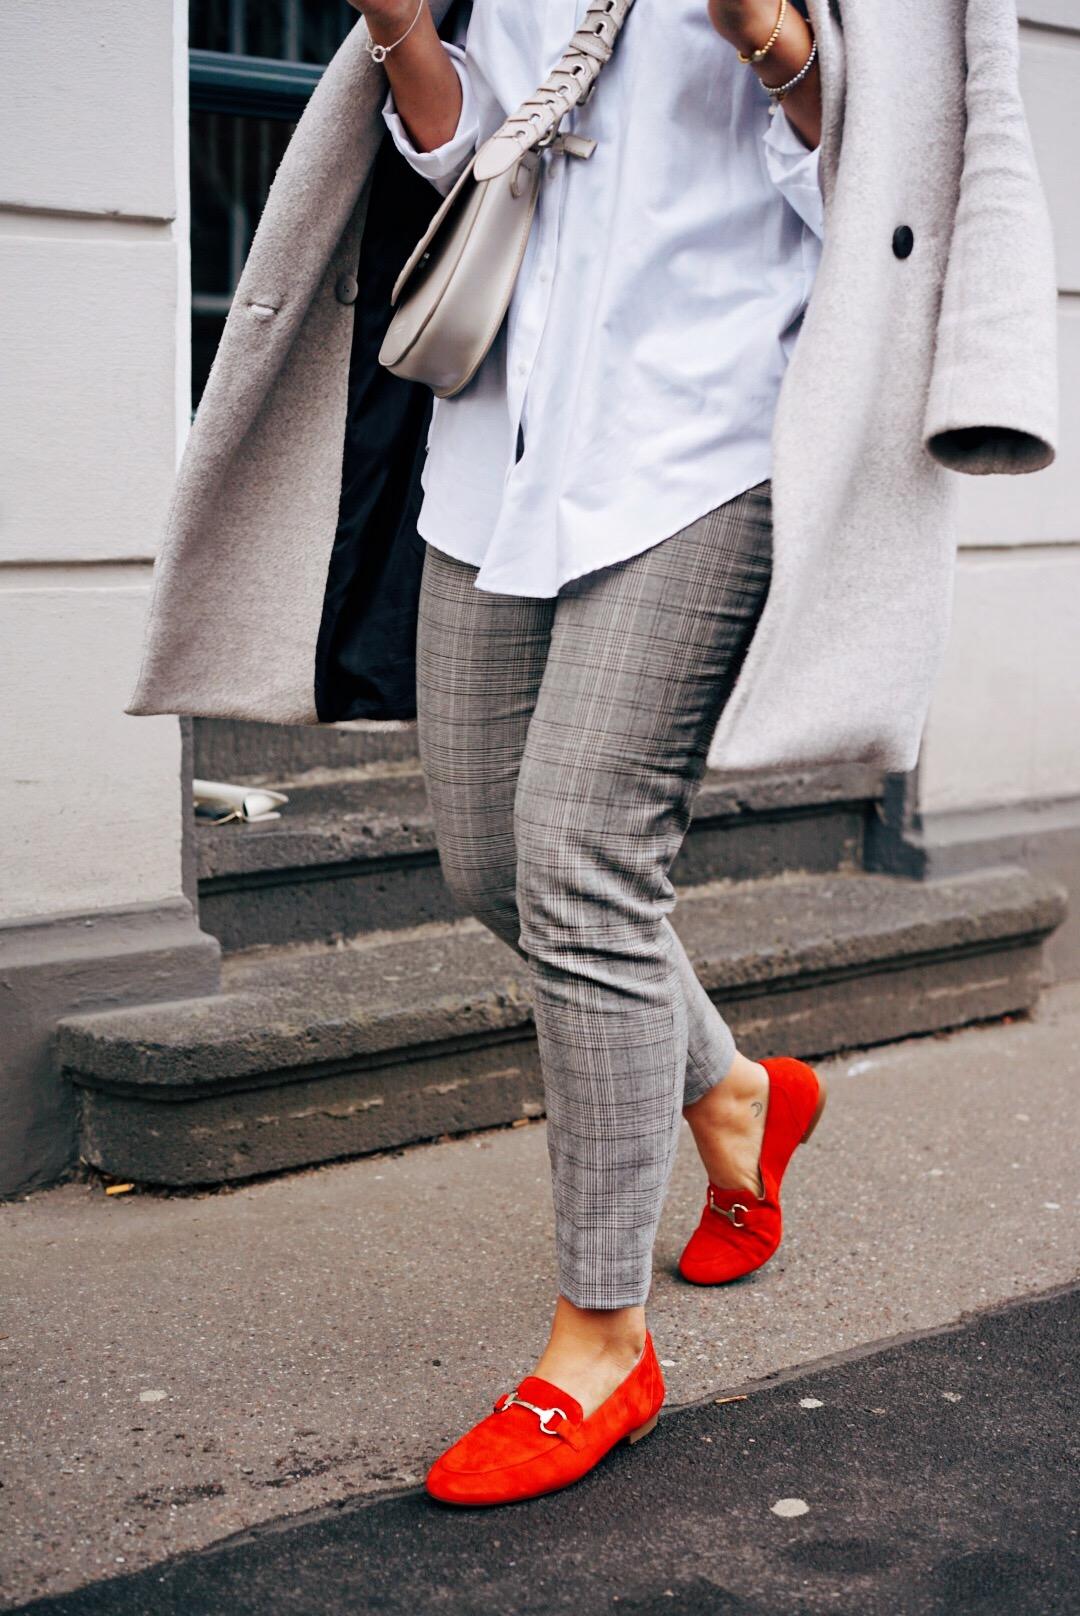 fashionforffranzy-fashion-outfit-post-inspiration-für-die-arbeit-Schuhe-de-ffranzy-business-look-hingucker